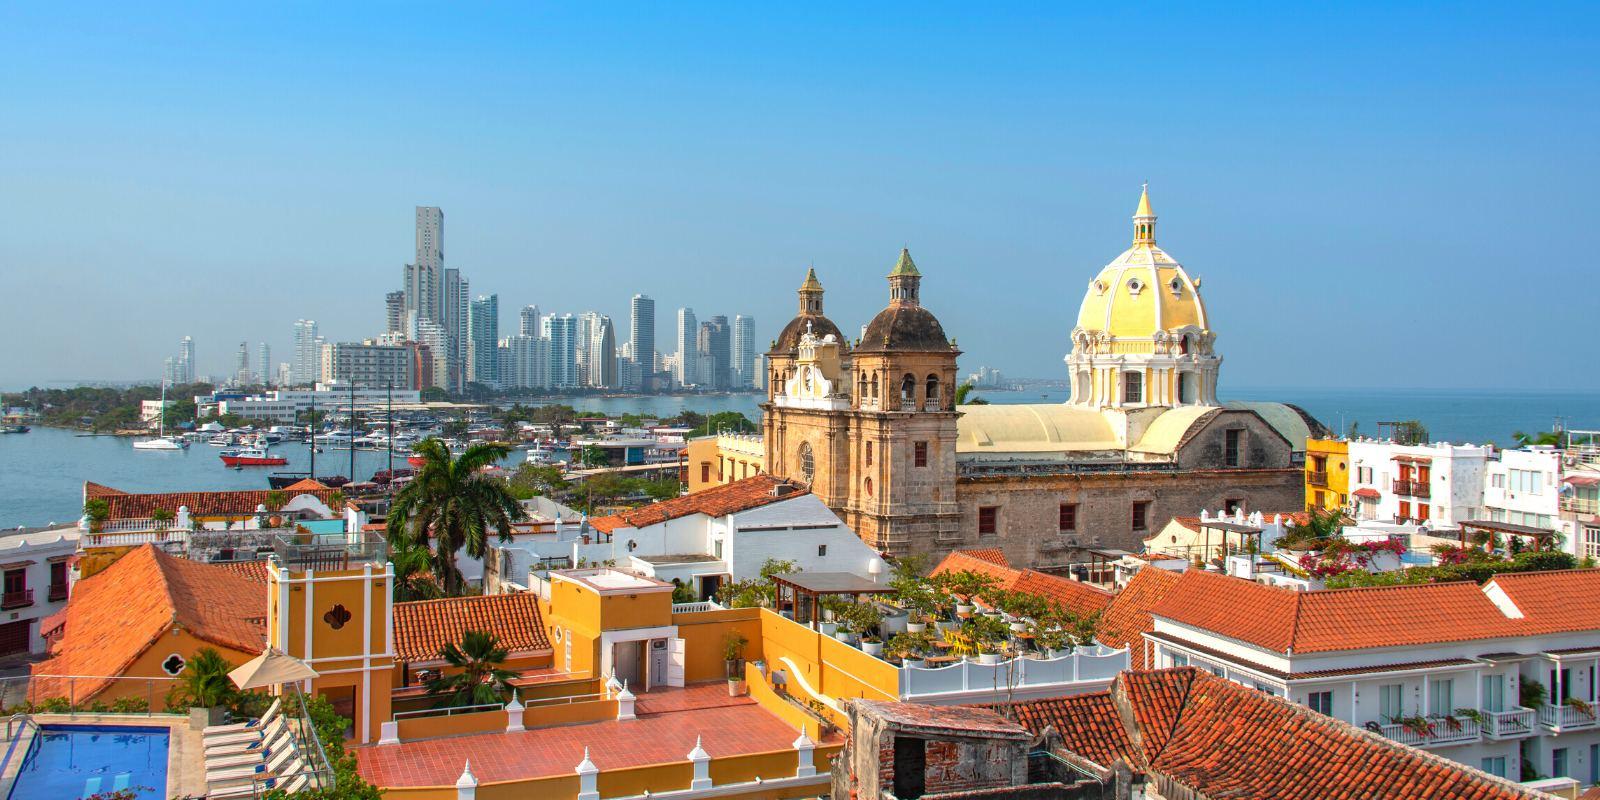 Buon compleanno Cartagena de Indias